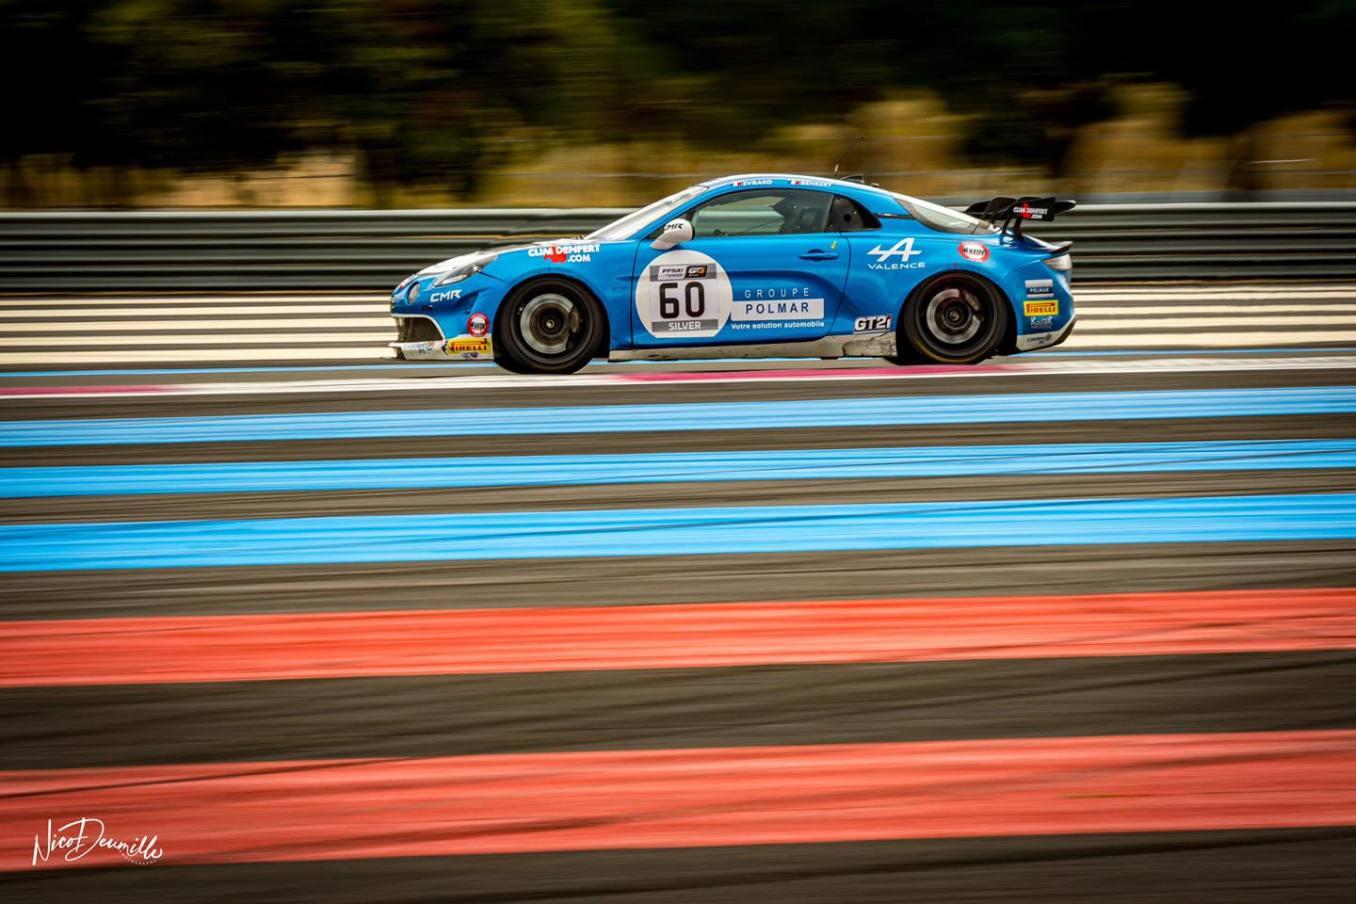 Alpine A110 GT4 FFSA GT Castellet Paul Ricard 2020 16 | Alpine A110 GT4 : Première victoire de Mirage Racing au Castellet en FFSA GT 2020